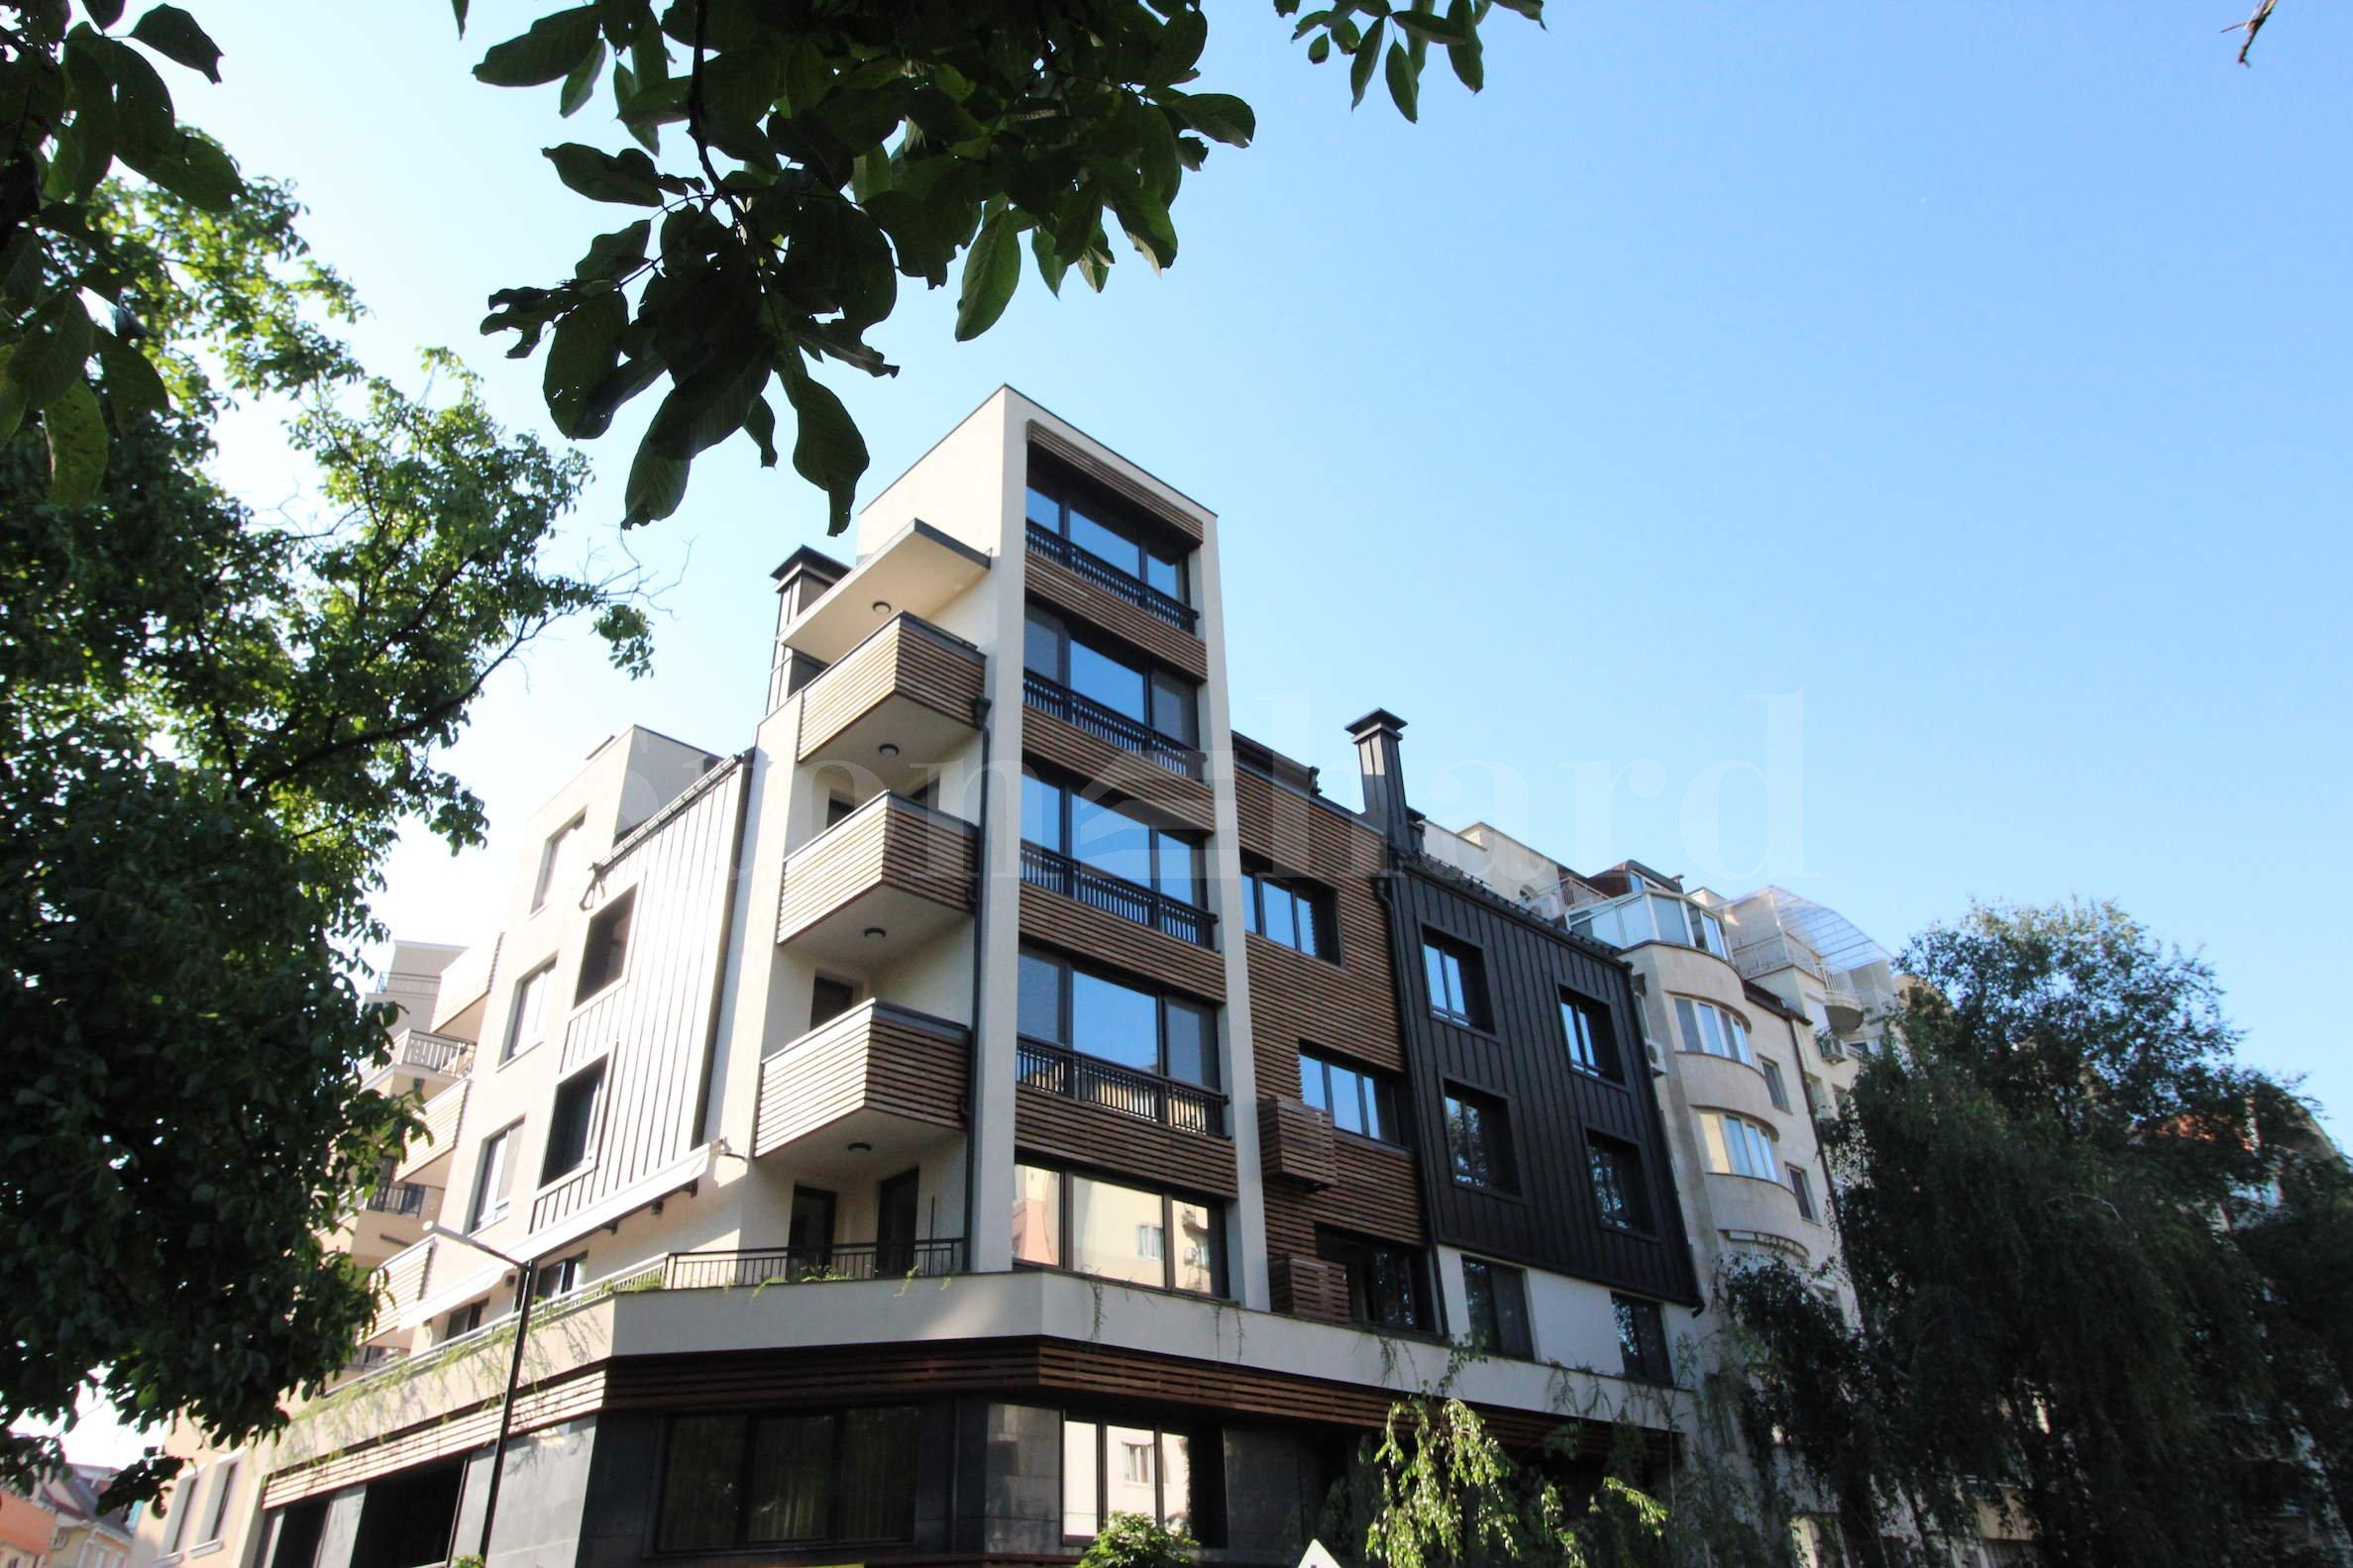 Луксозна сграда с лимитирани апартаменти и търсена локация1 - Stonehard